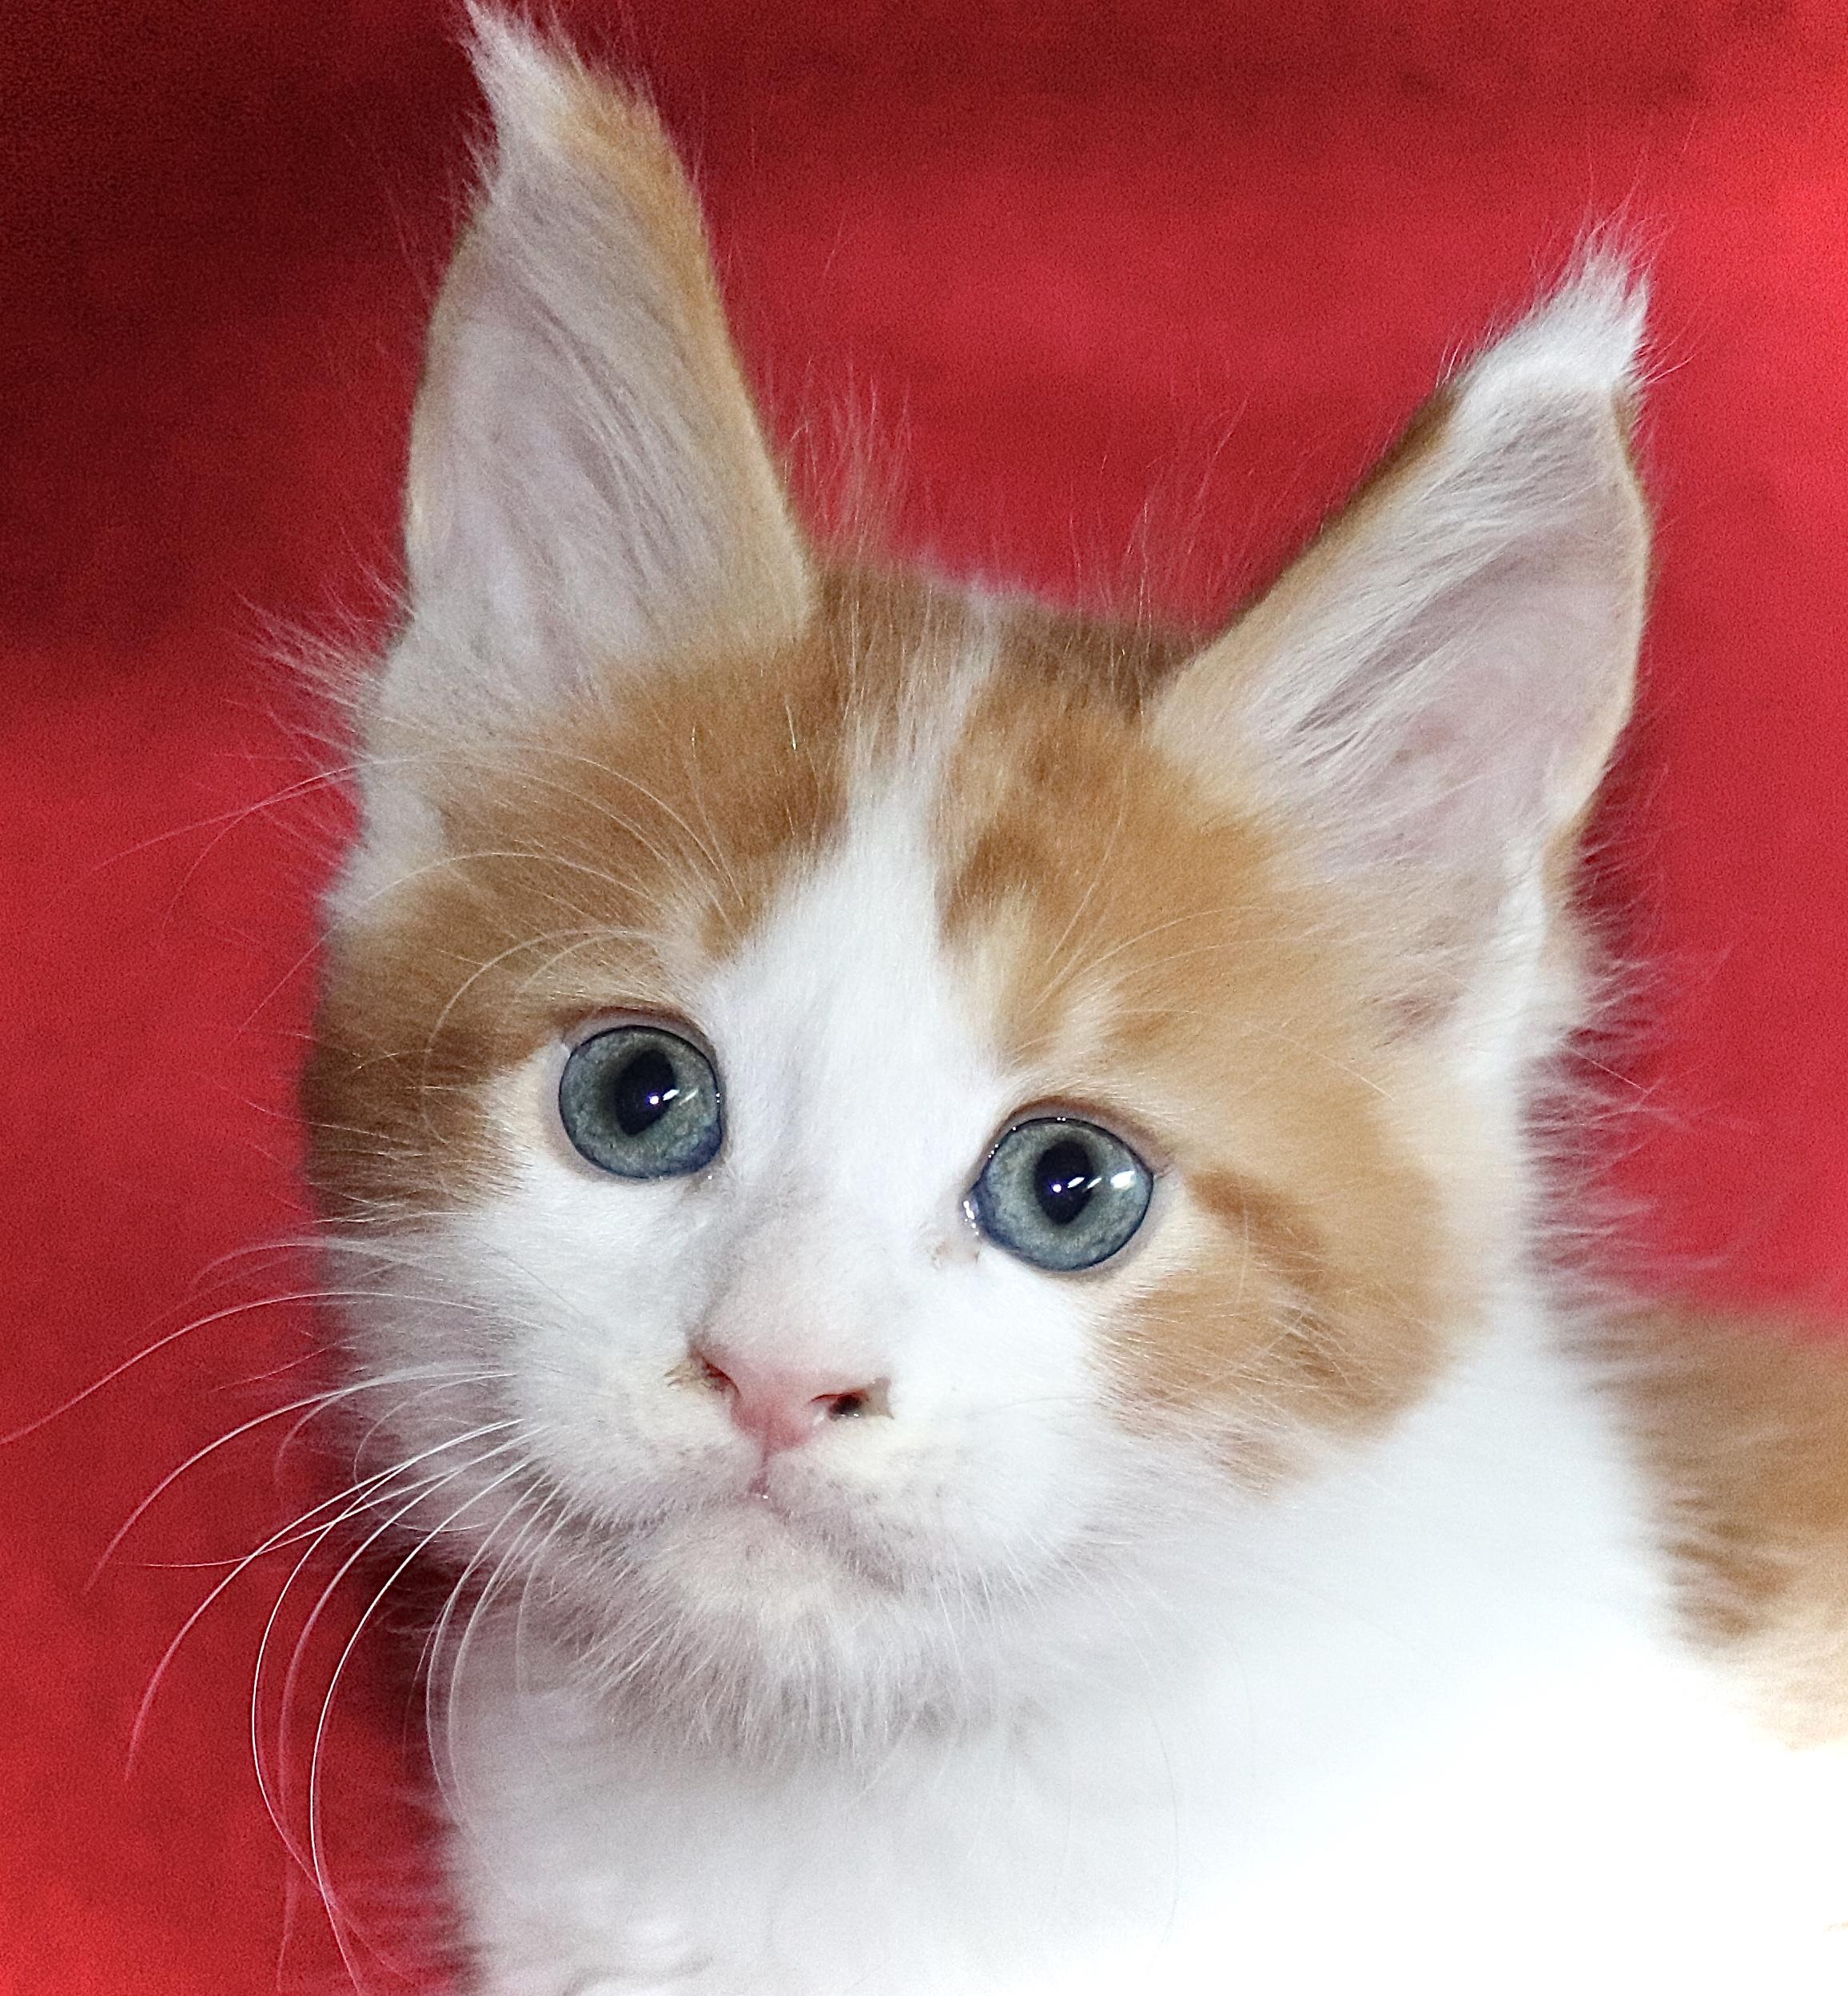 kočka VRH I: INDIAN UNO VON ERILLIAN*CZ